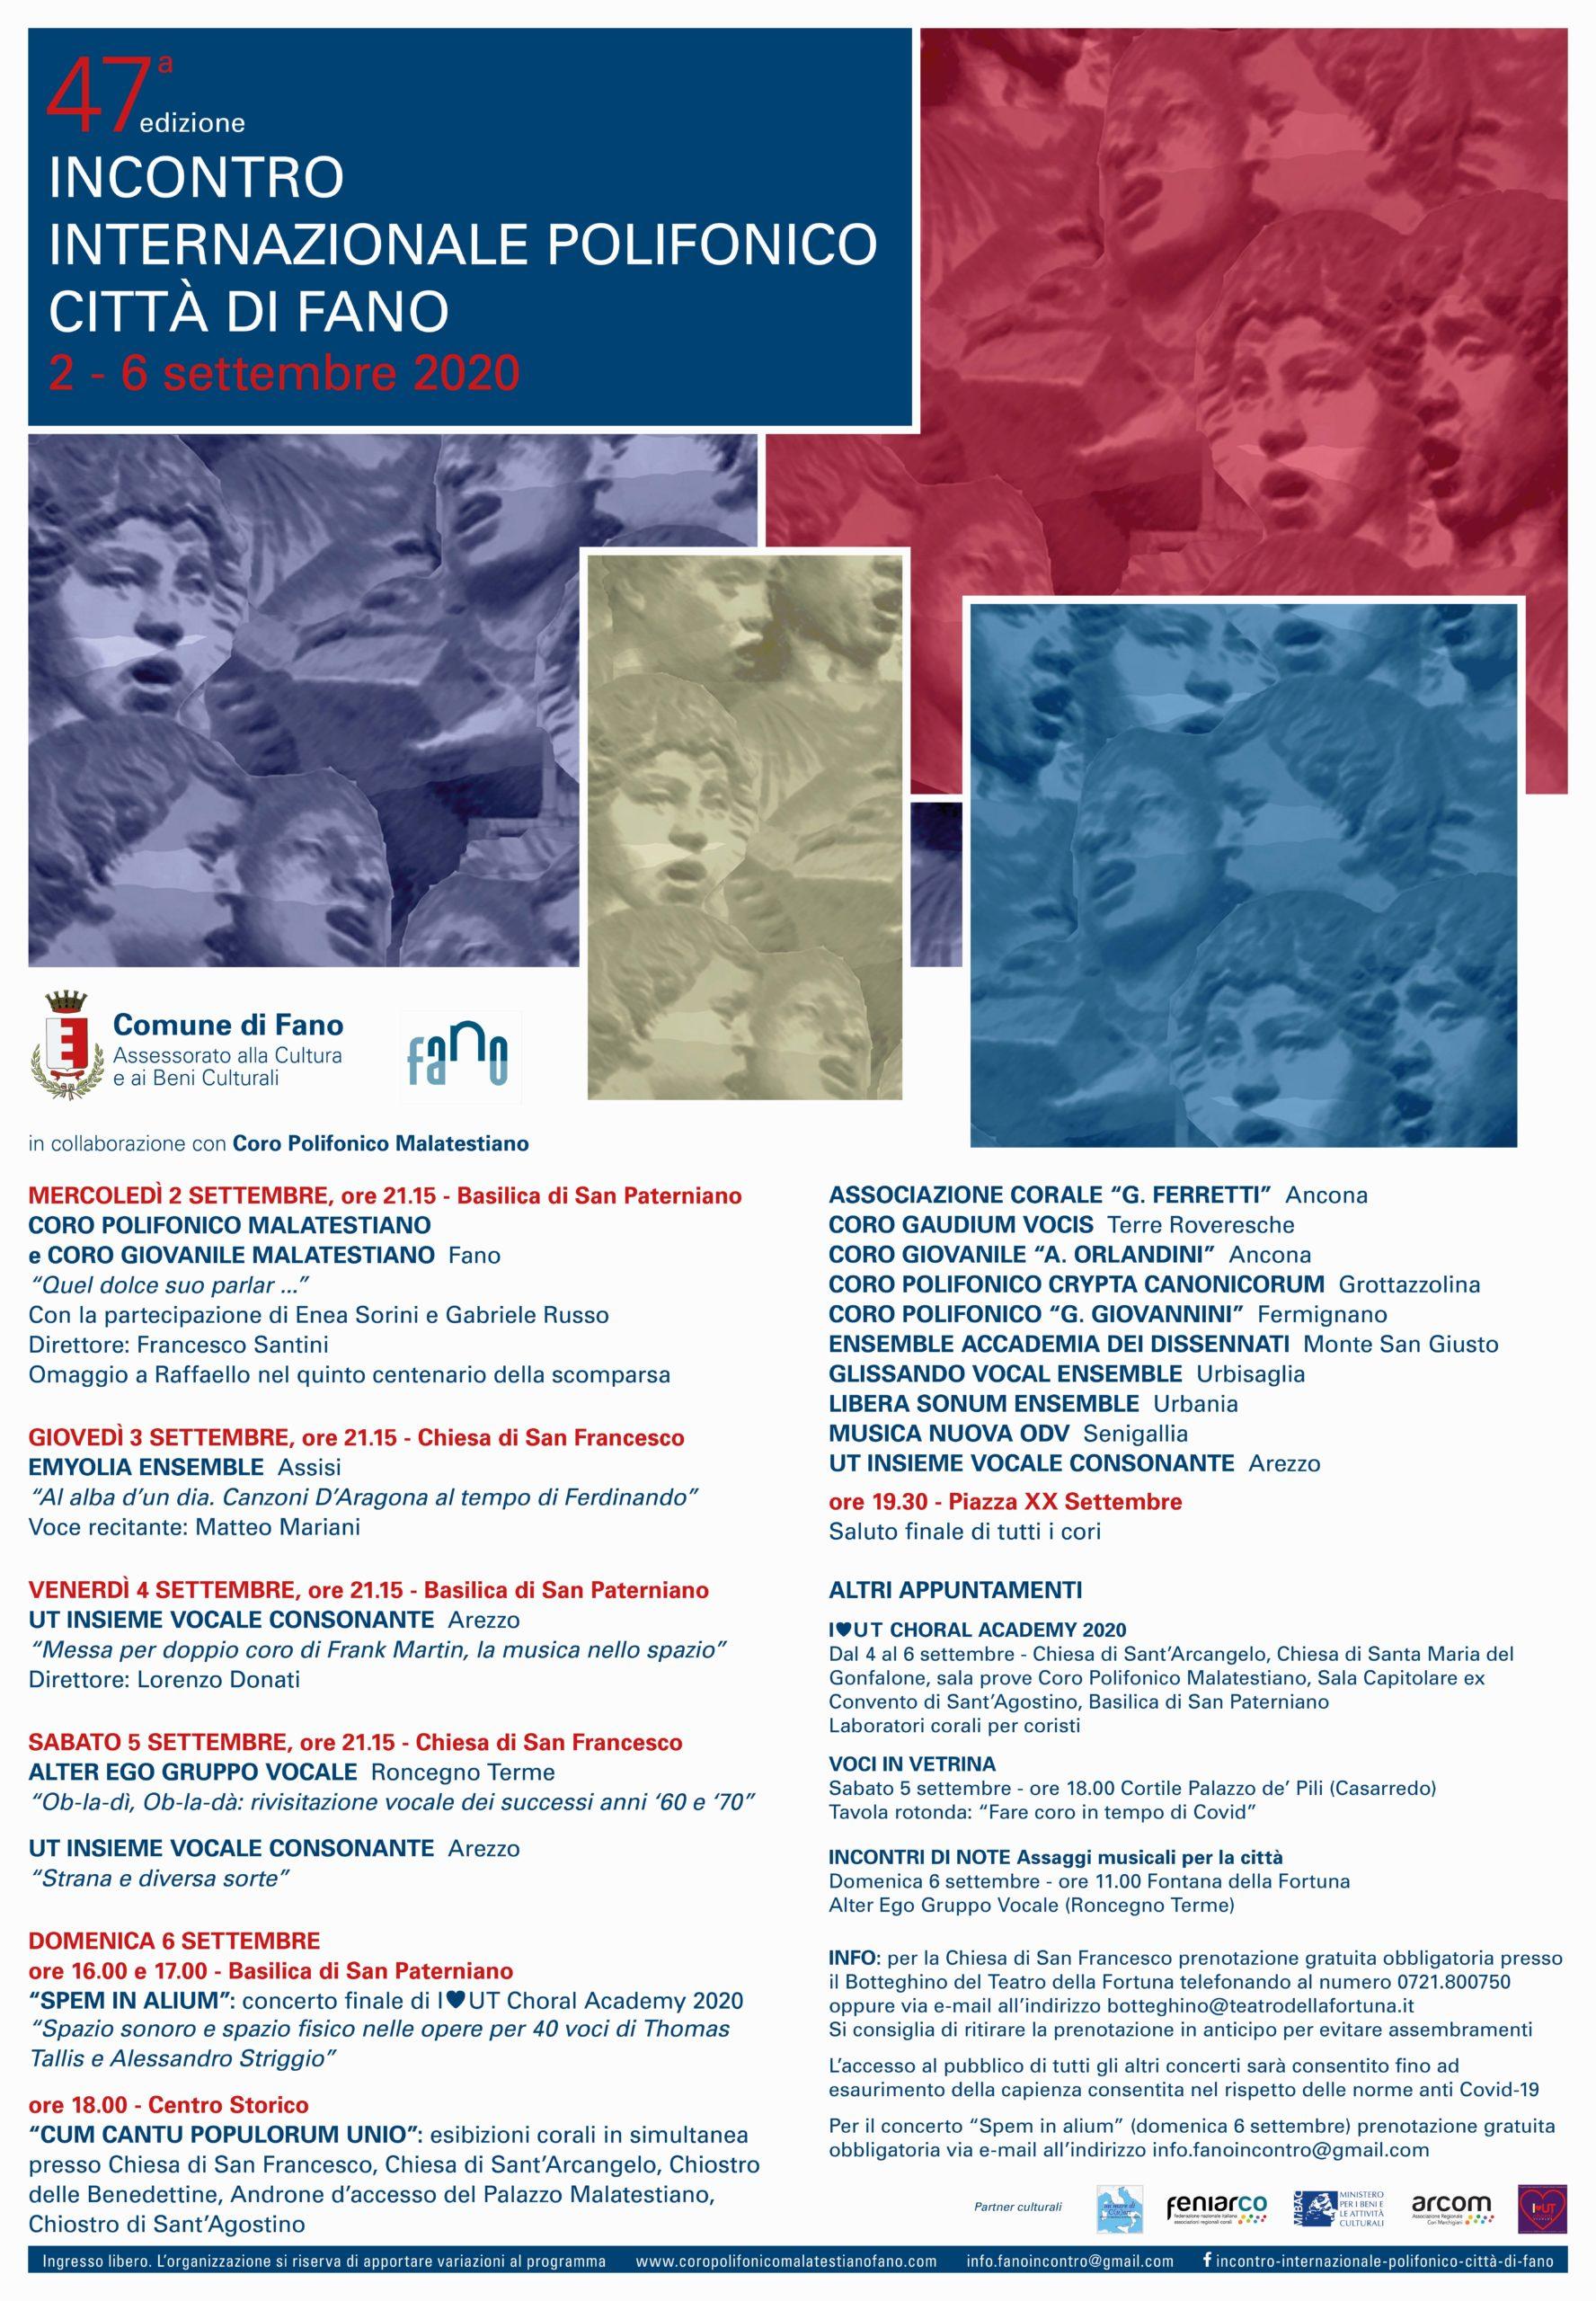 incontro internazionale programma